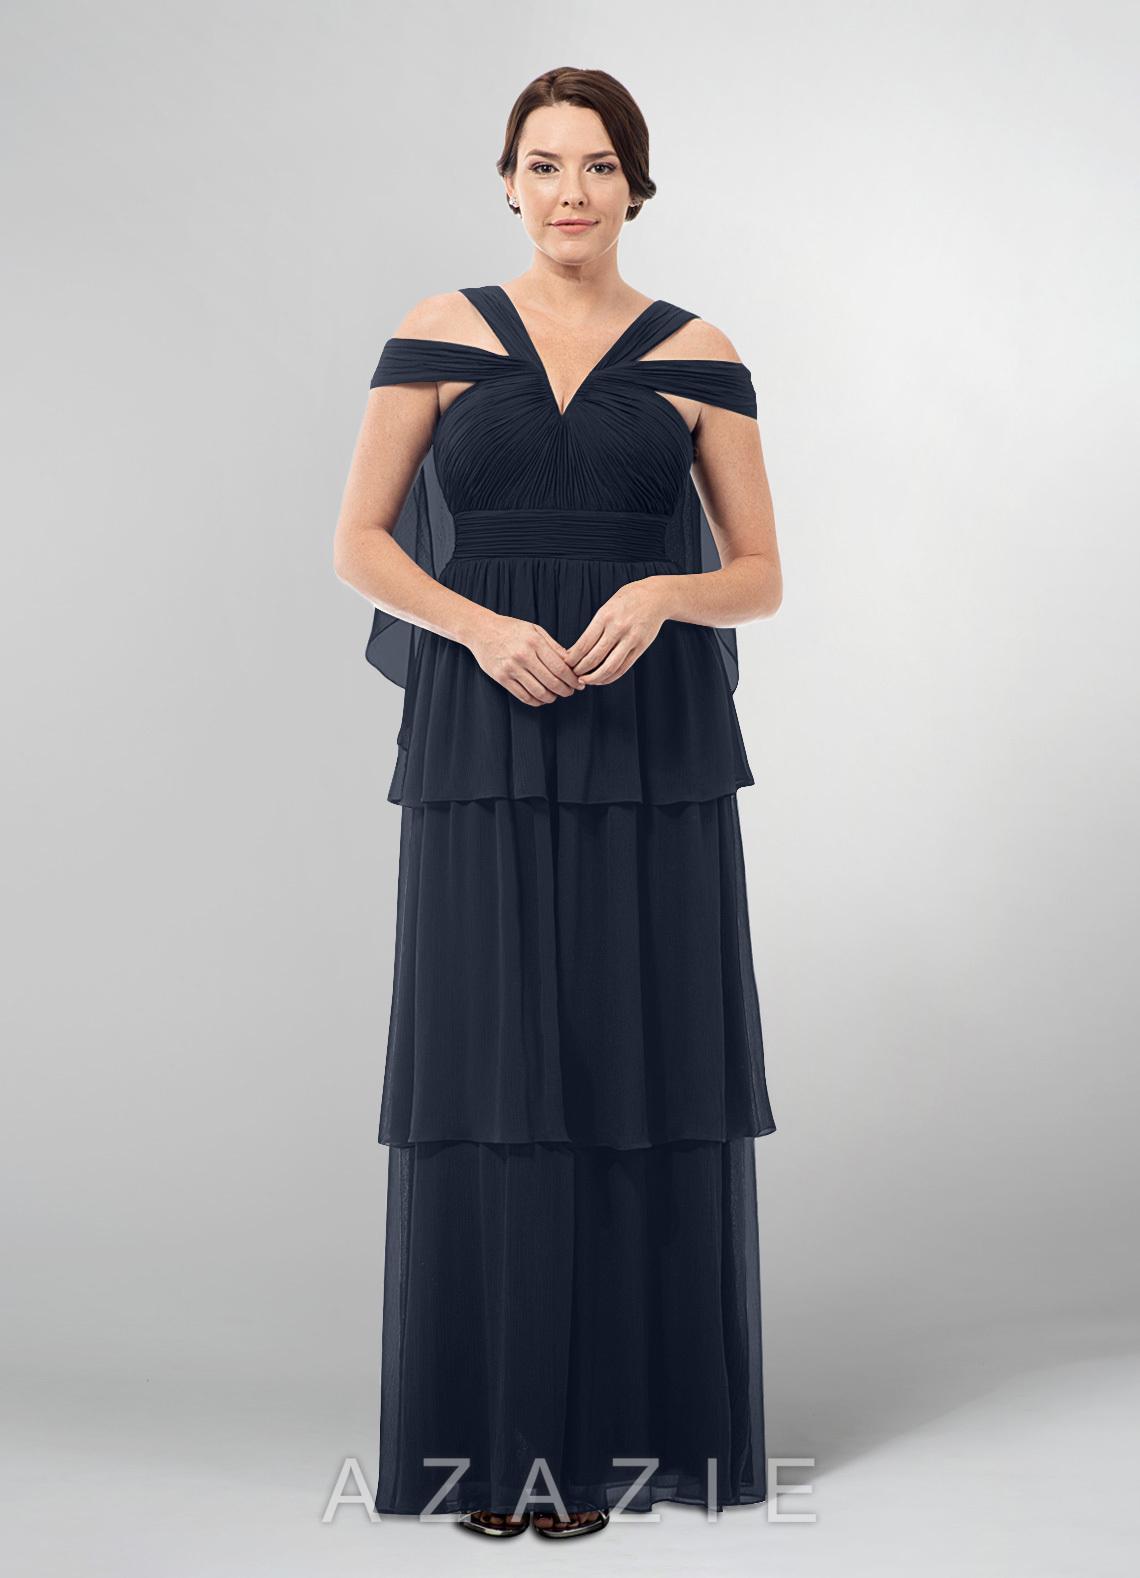 7f08e78e19 Azazie Diane MBD Mother Of The Bride Dress